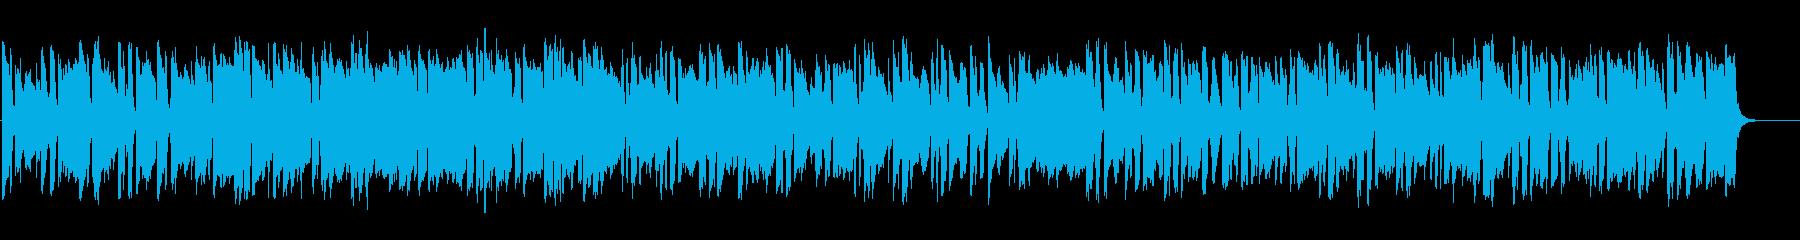 明るく元気が出るような ピアノBGMの再生済みの波形